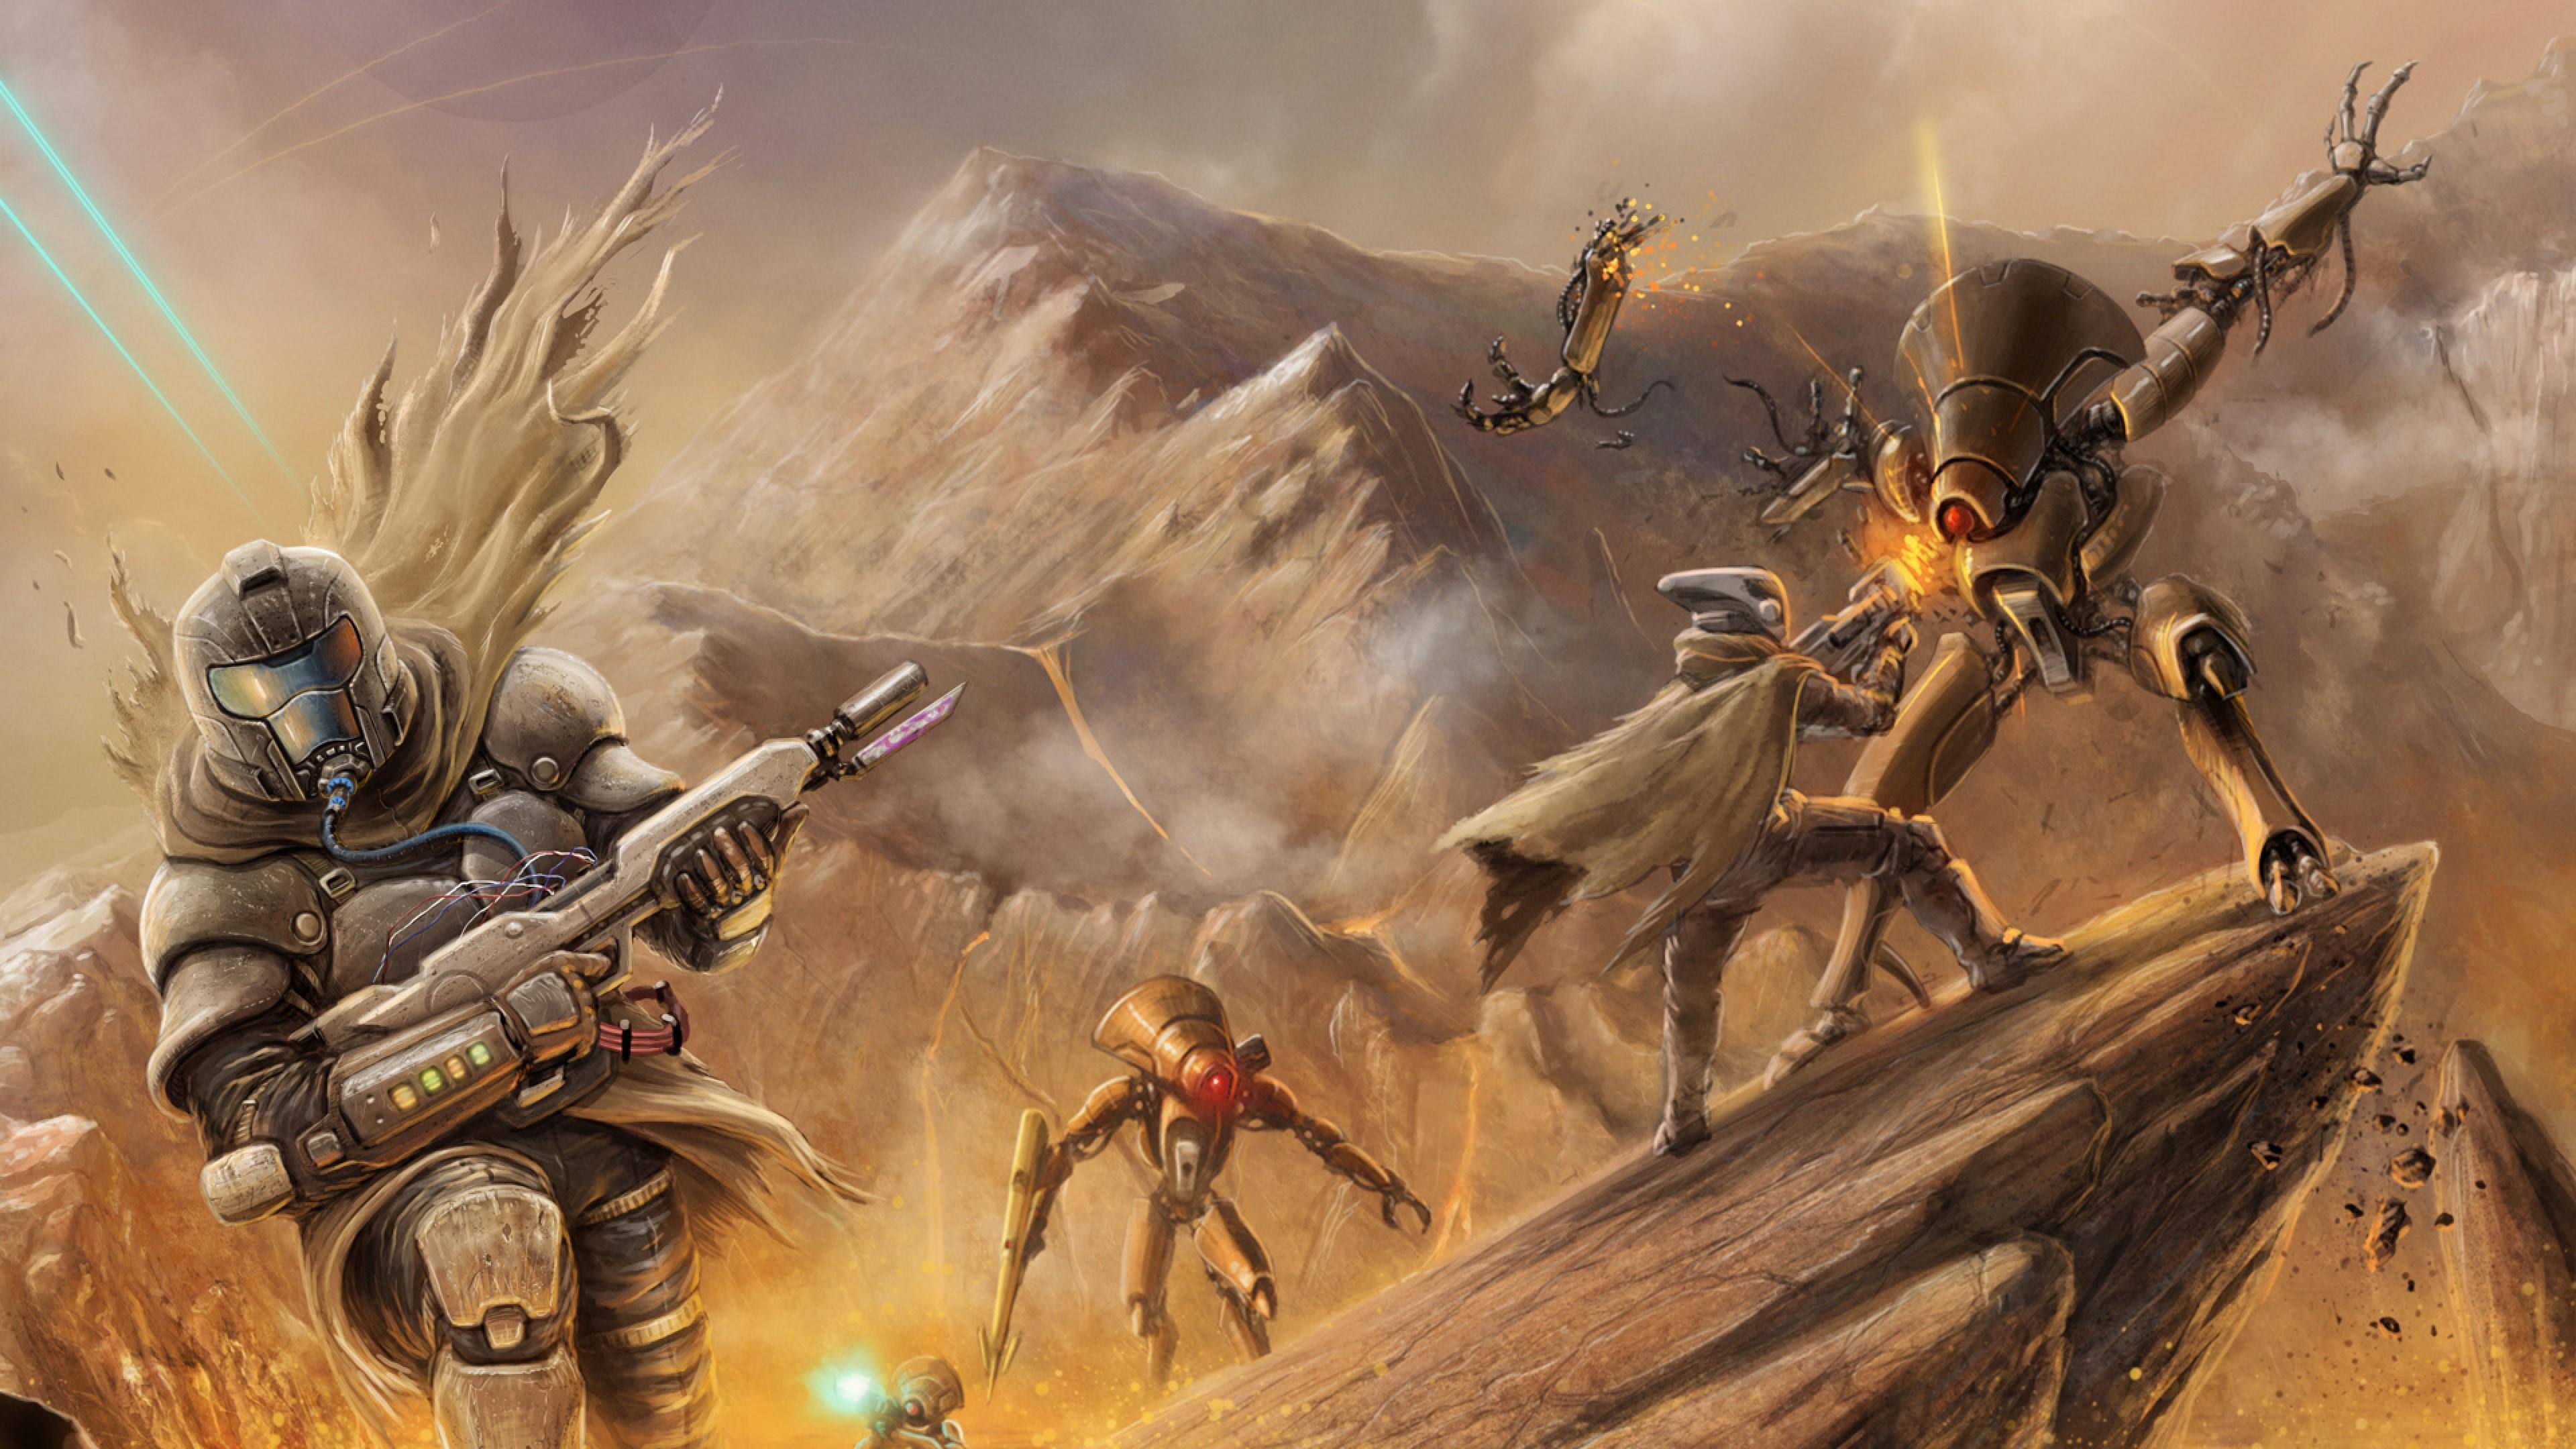 Wallpaper destiny, bungie, battle, robots, soldiers, weapons,  rocks